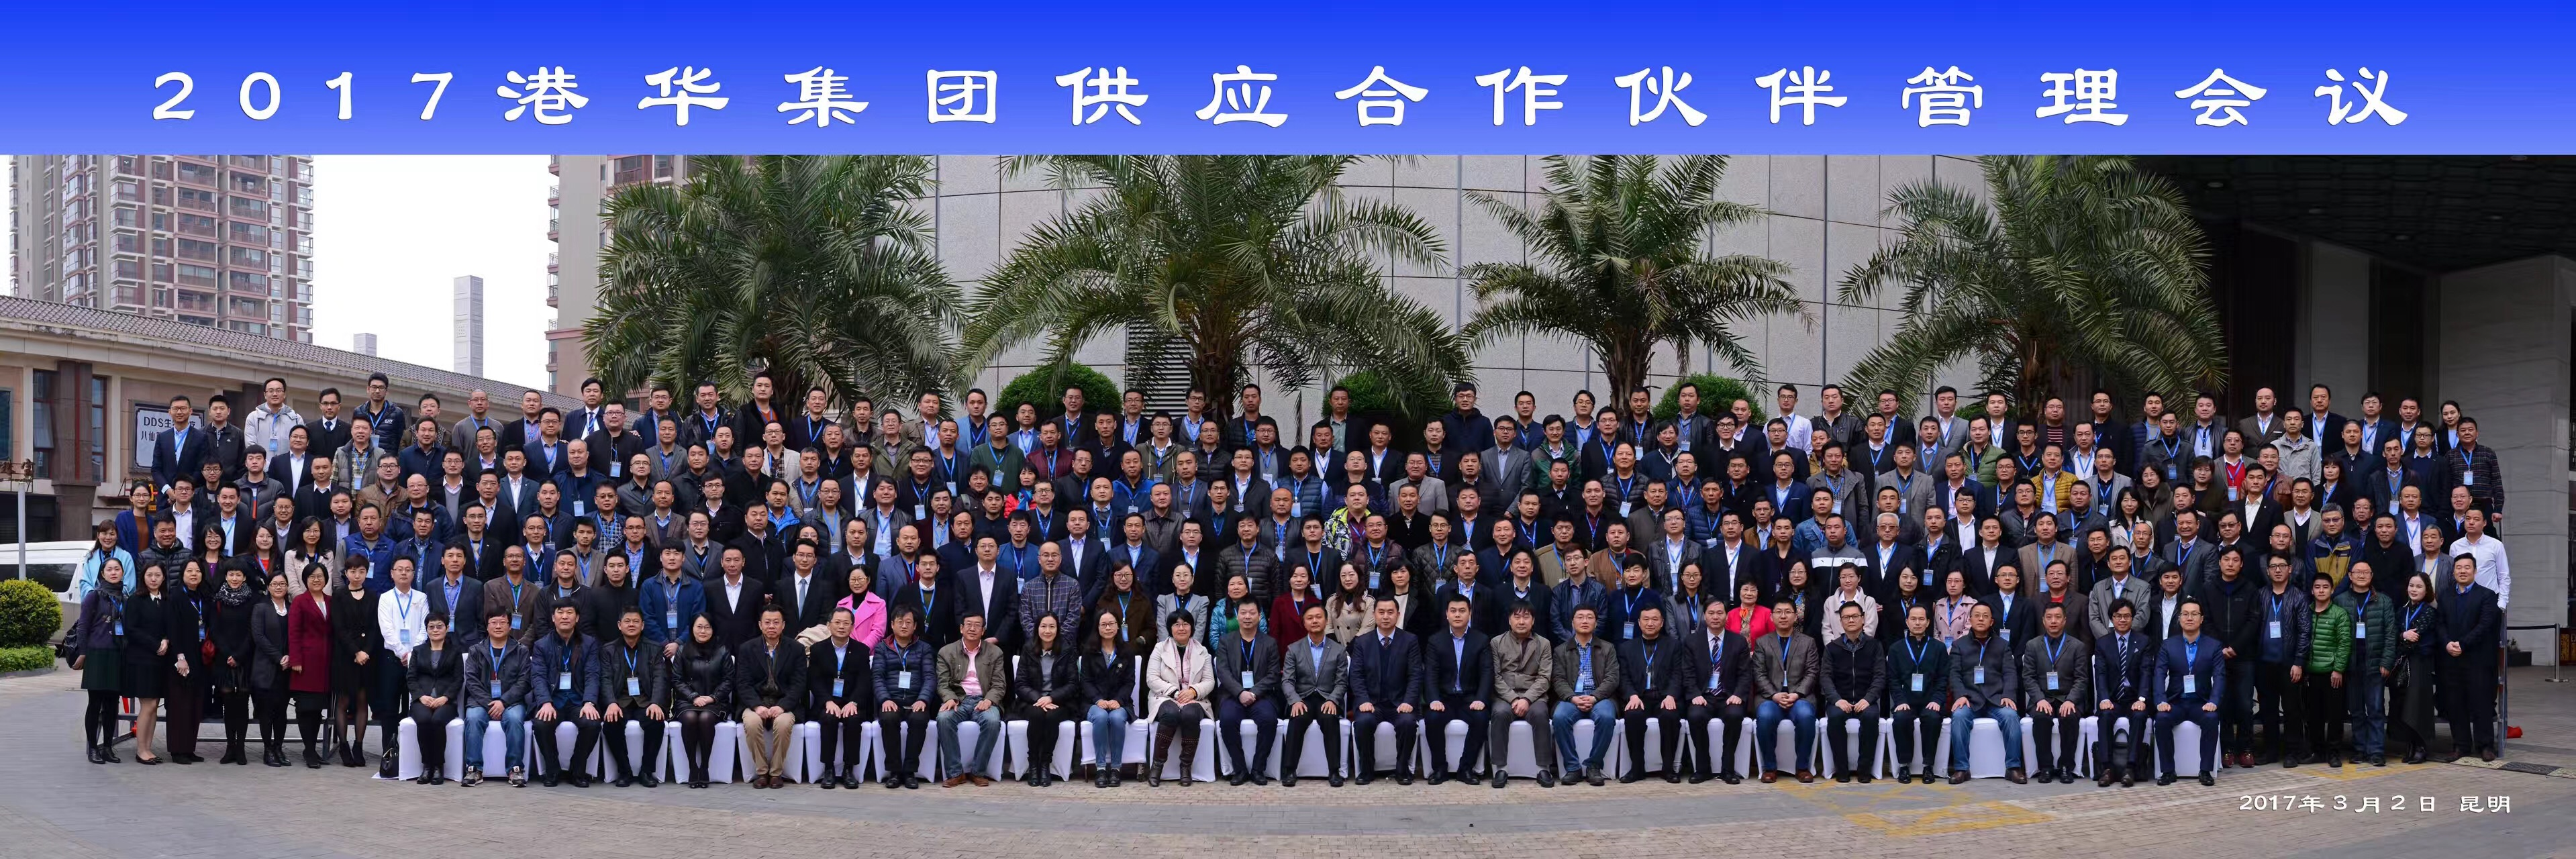 2017港华集团供应合作伙伴管理会议.JPG